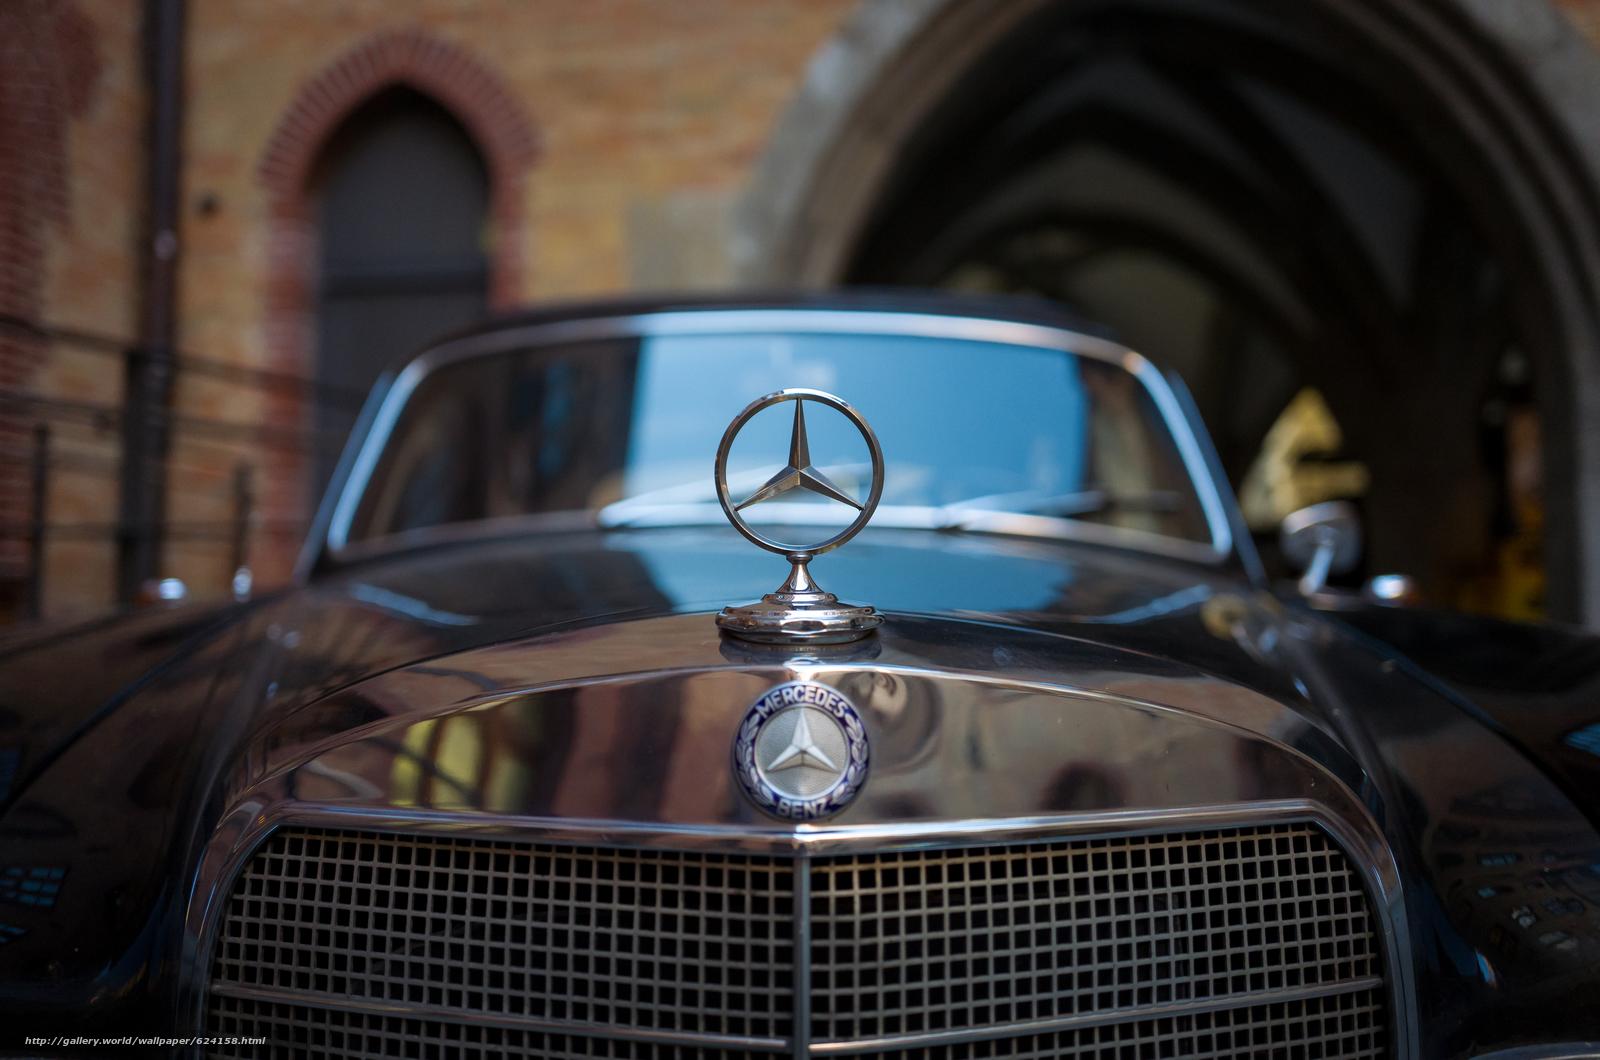 Скачать обои Mercedes-Benz,  капот,  значок,  решётка бесплатно для рабочего стола в разрешении 5786x3834 — картинка №624158